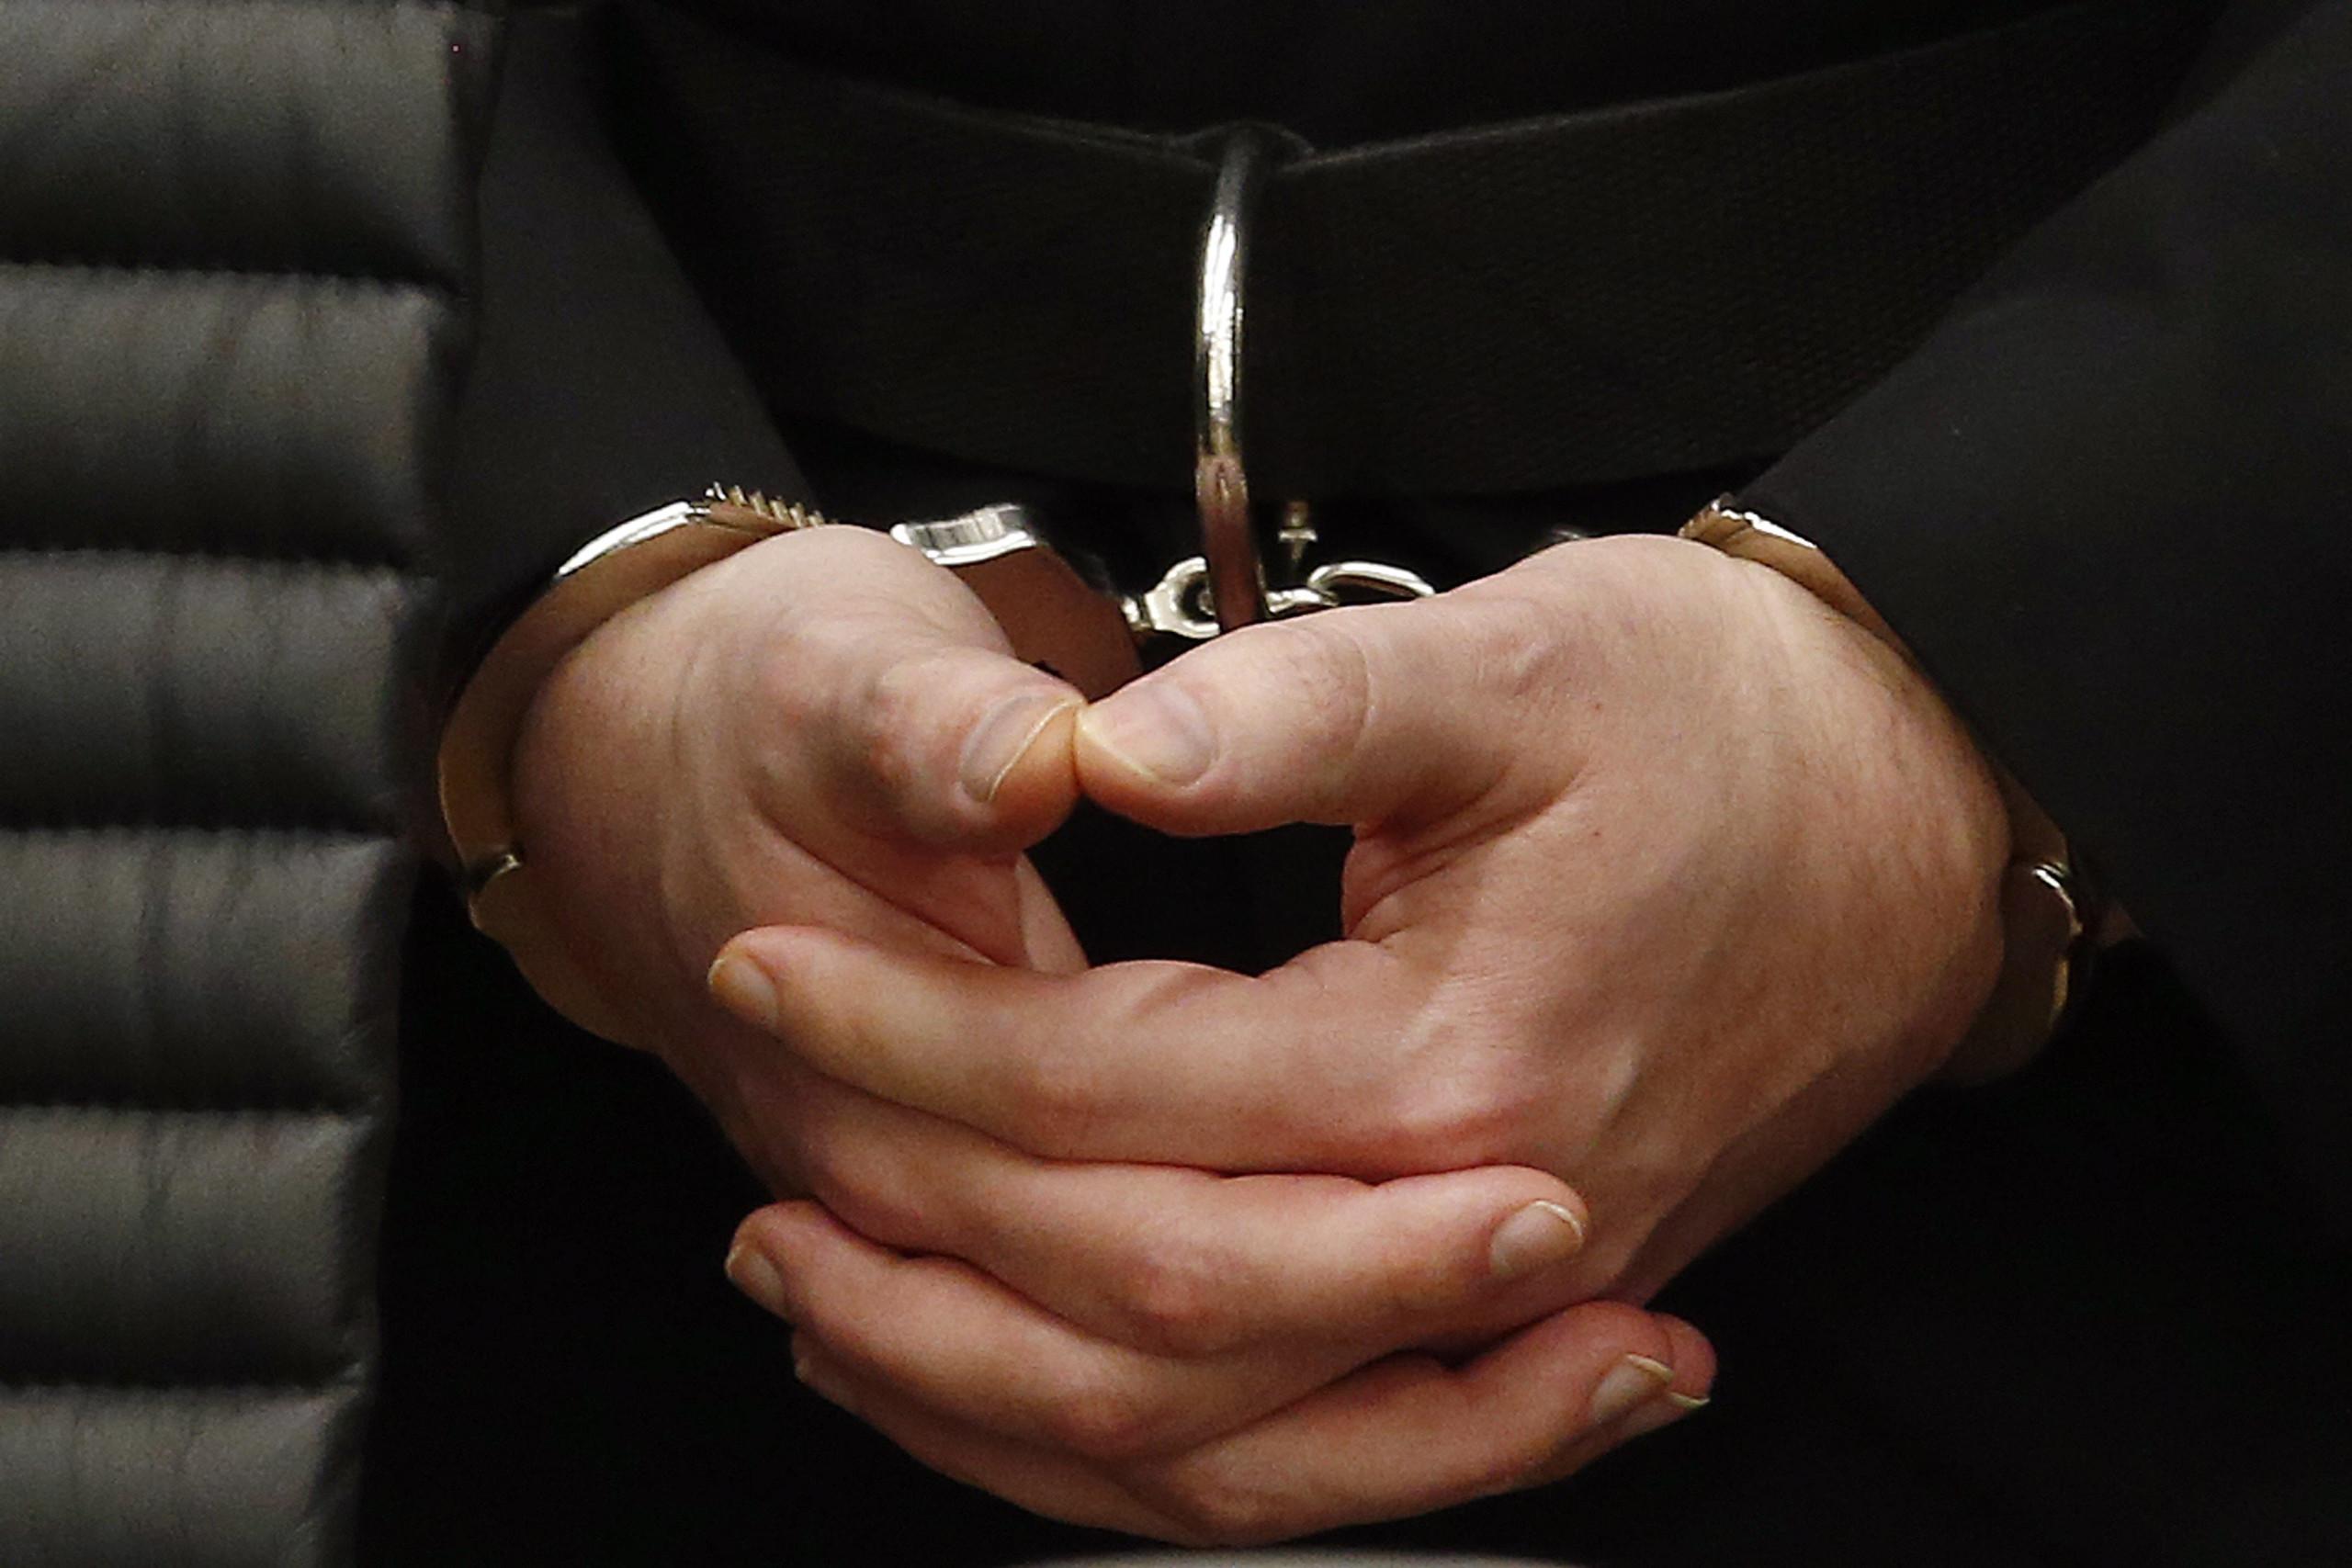 Seis homens condenados por mais de 170 mil crimes de pornografia infantil